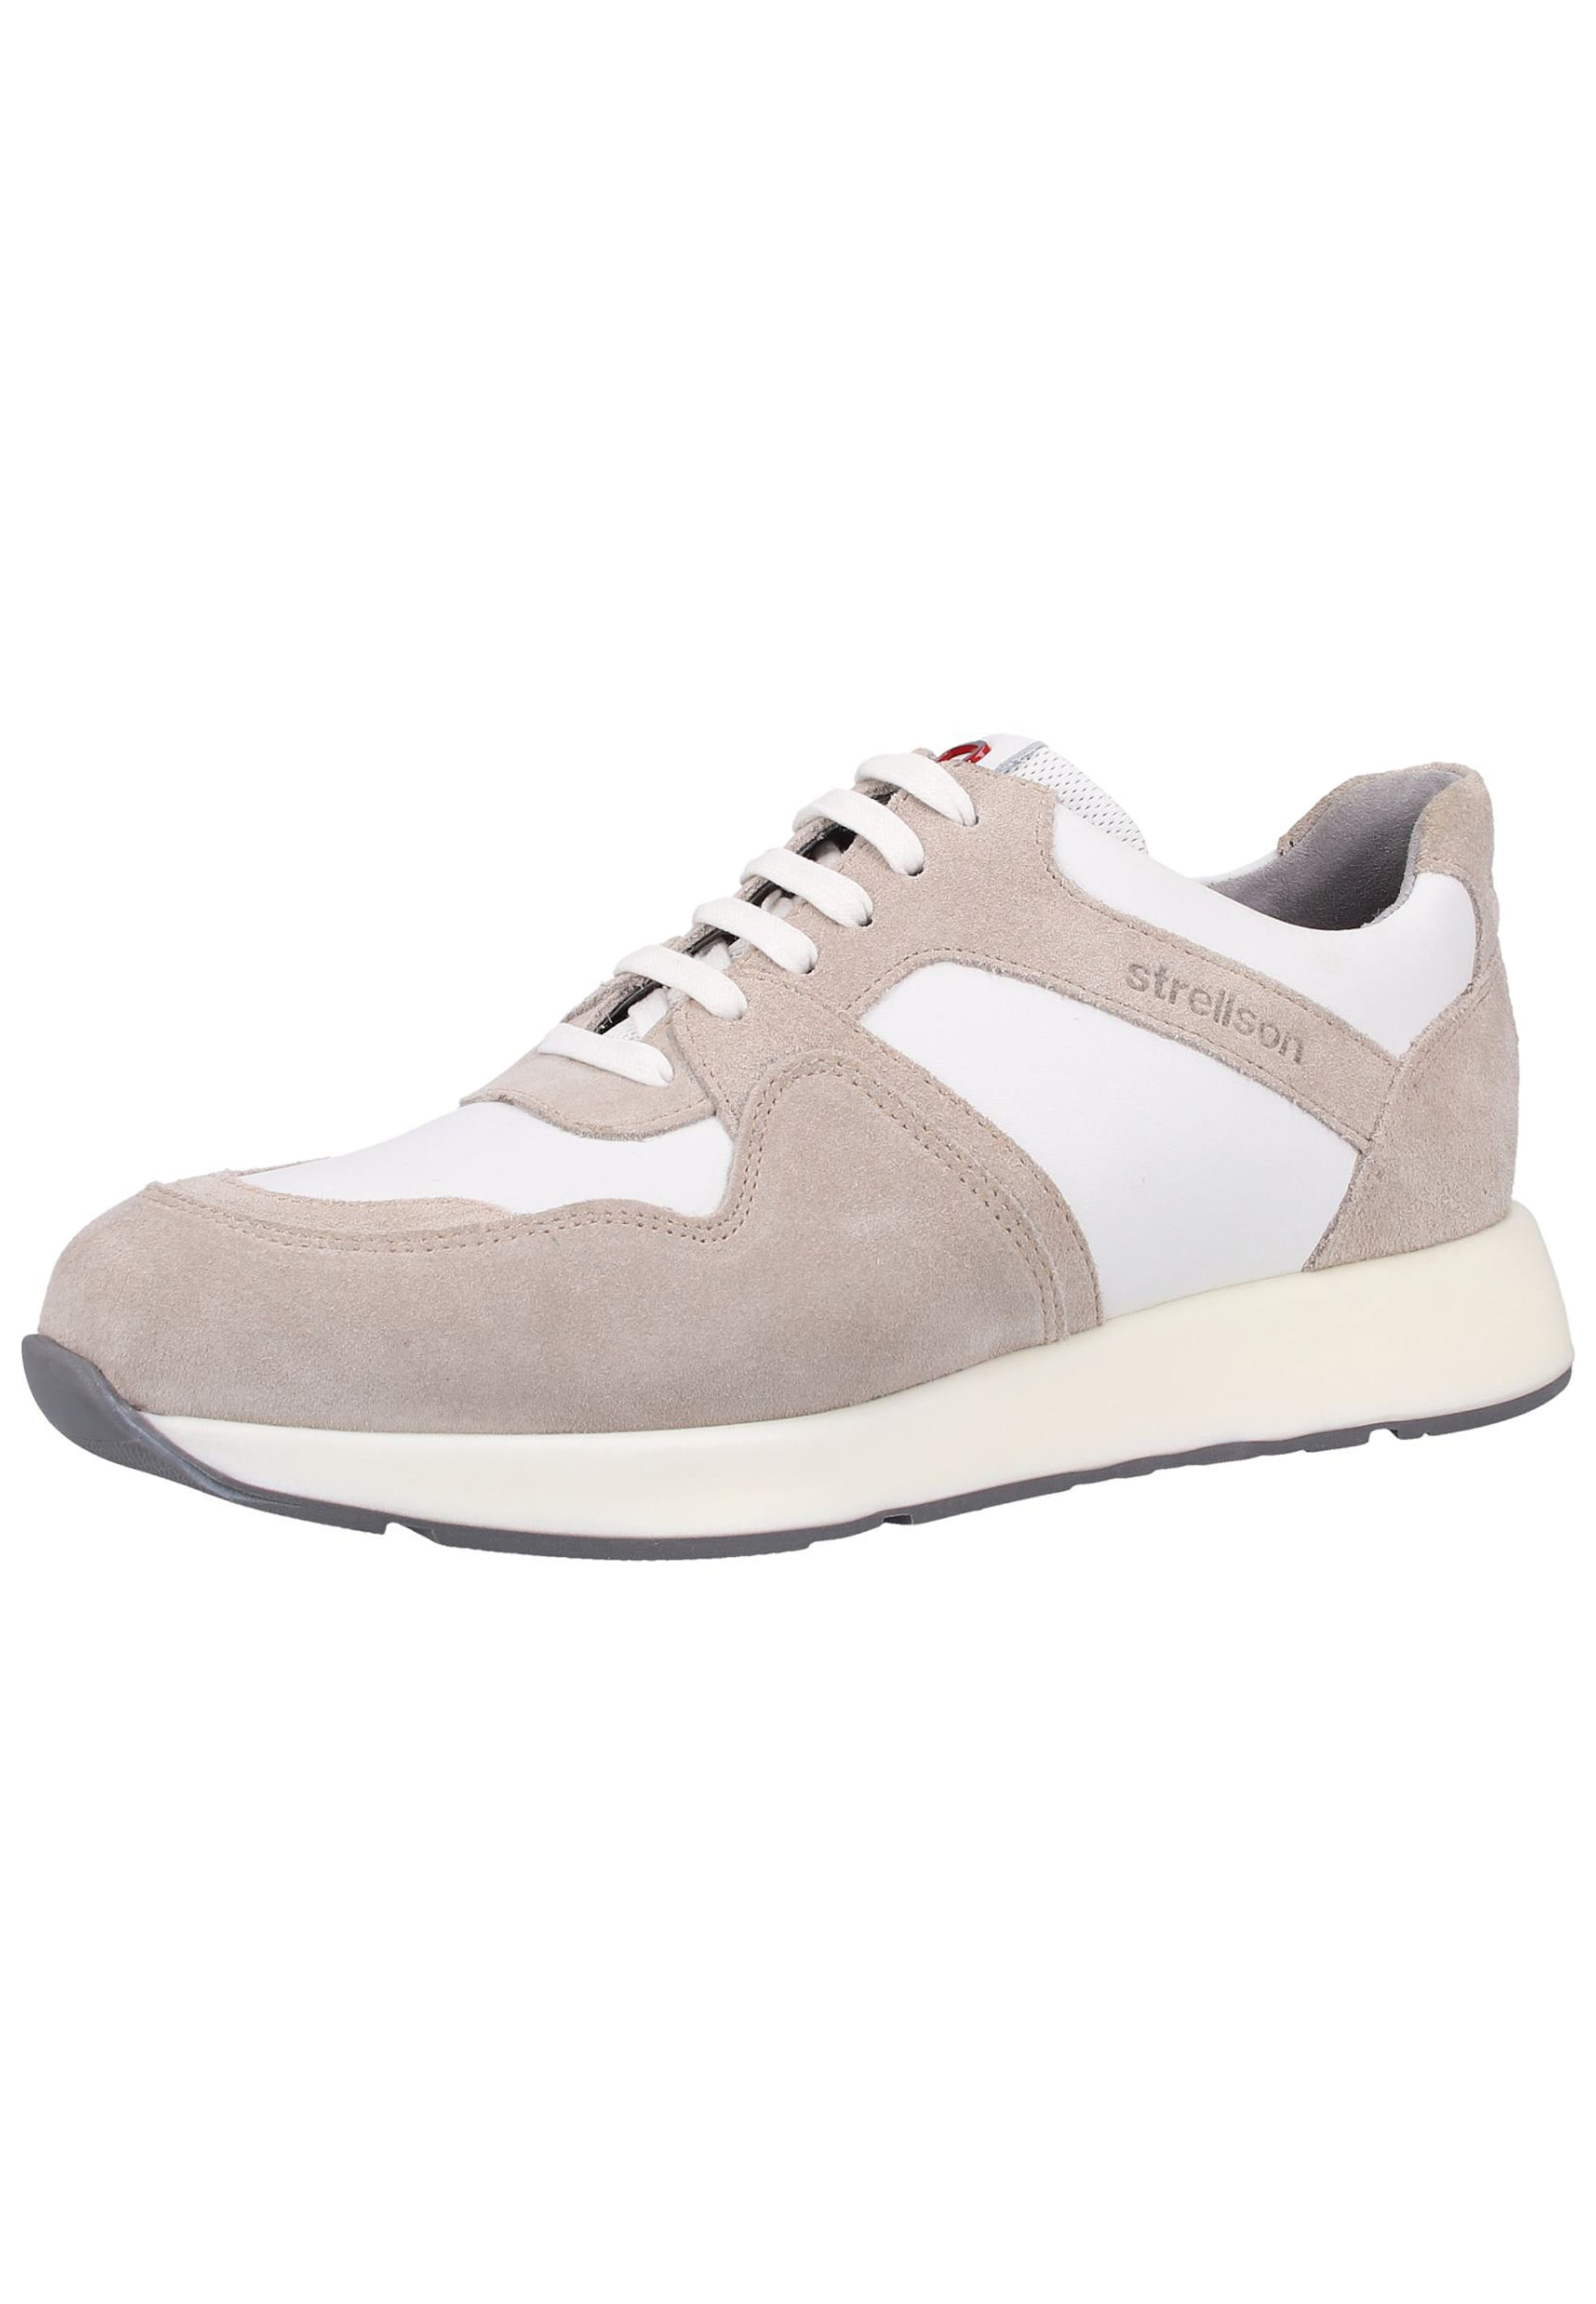 Strellson Sneaker Strellson In Sneaker CremeWeiß In CremeWeiß Strellson In Sneaker W9ID2EHY